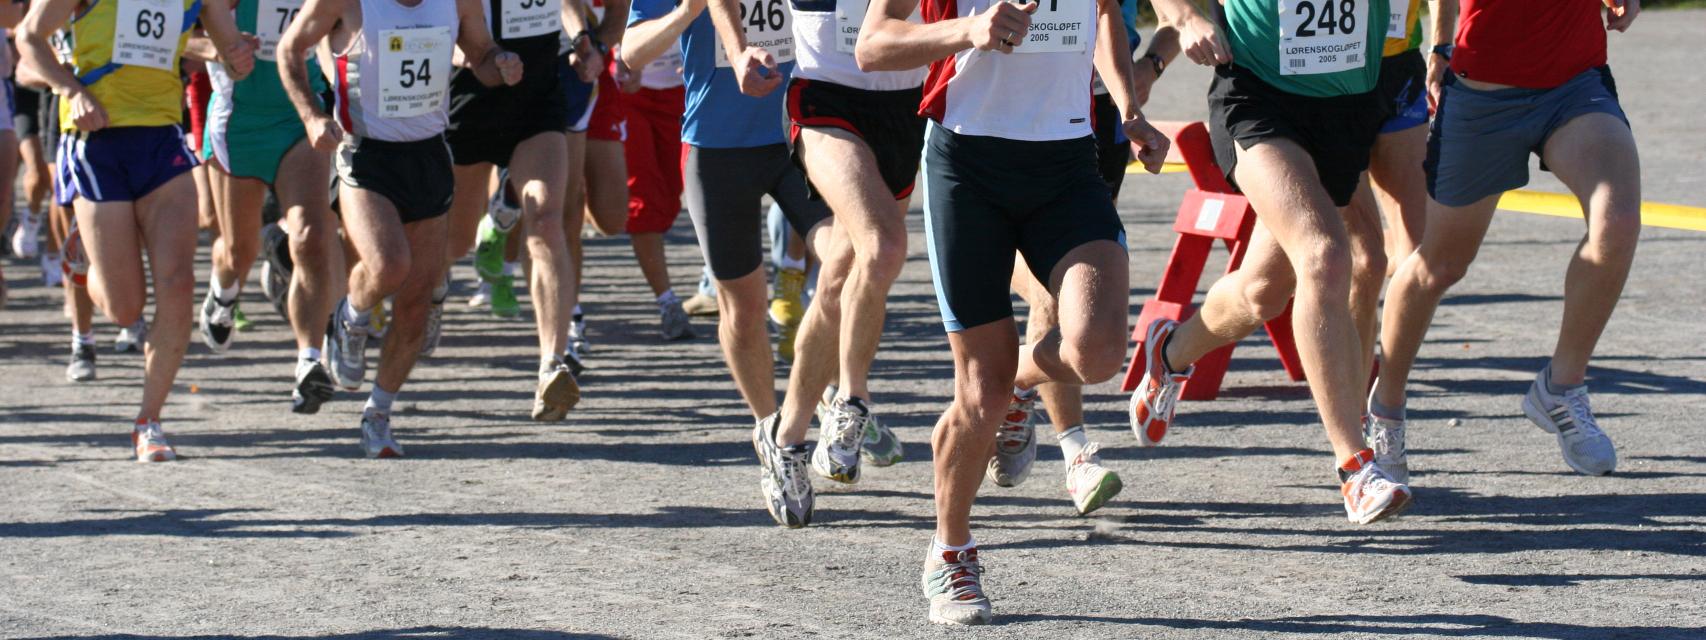 runners-1438373.jpg